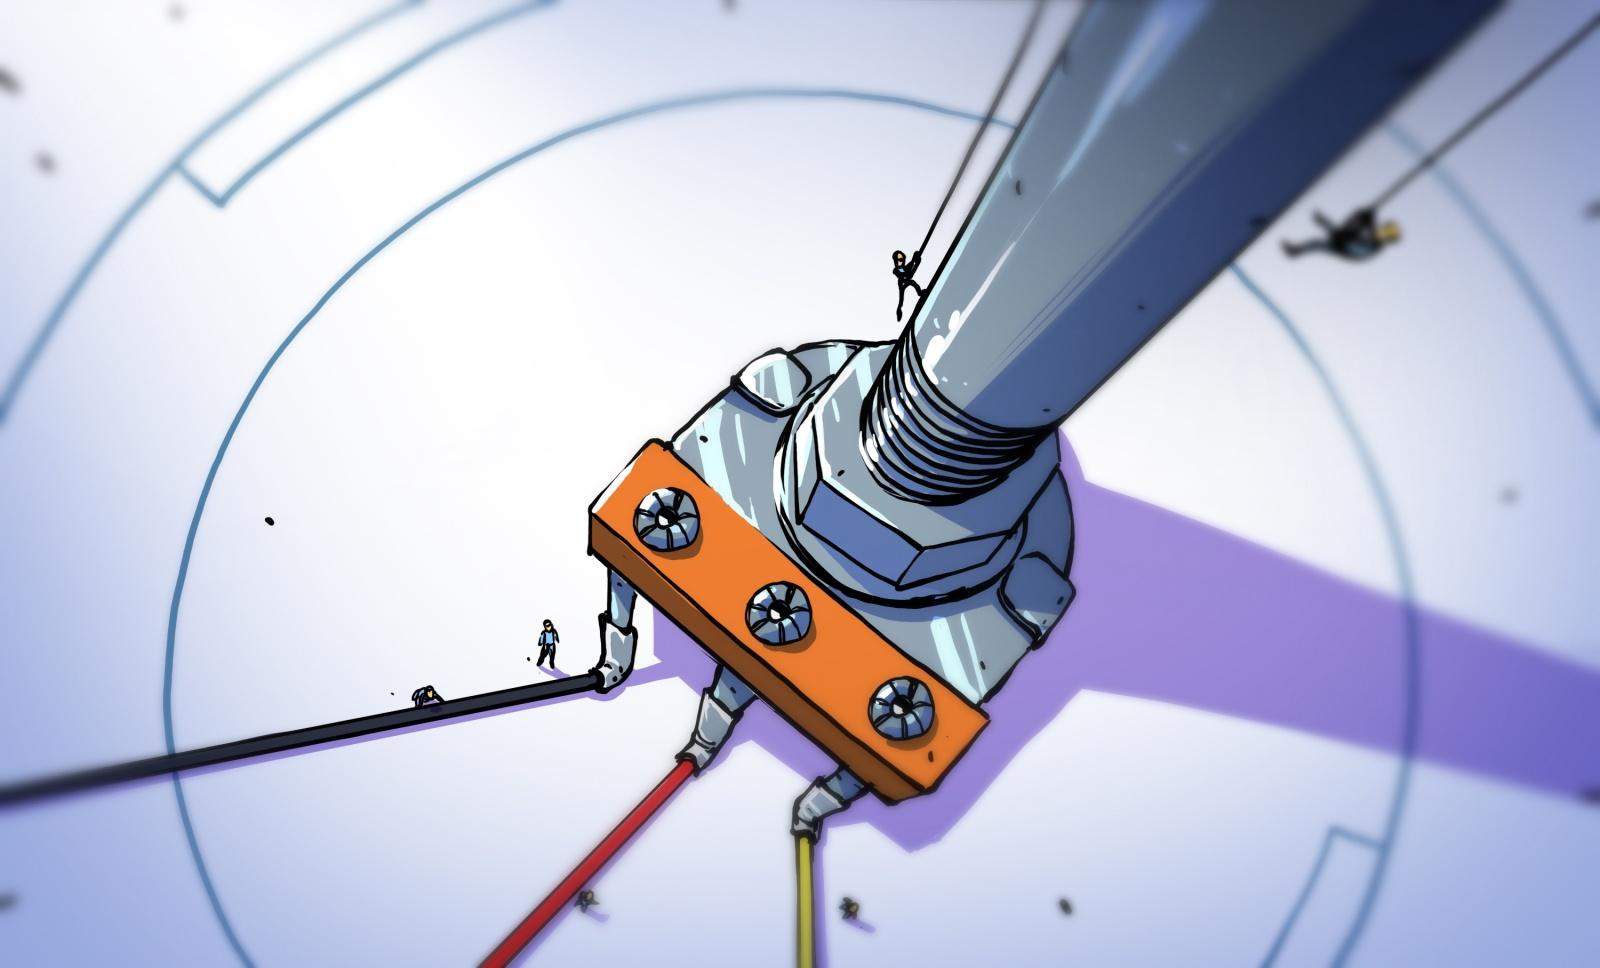 Сопротивление в движении: что нужно знать о переменных резисторах - 1